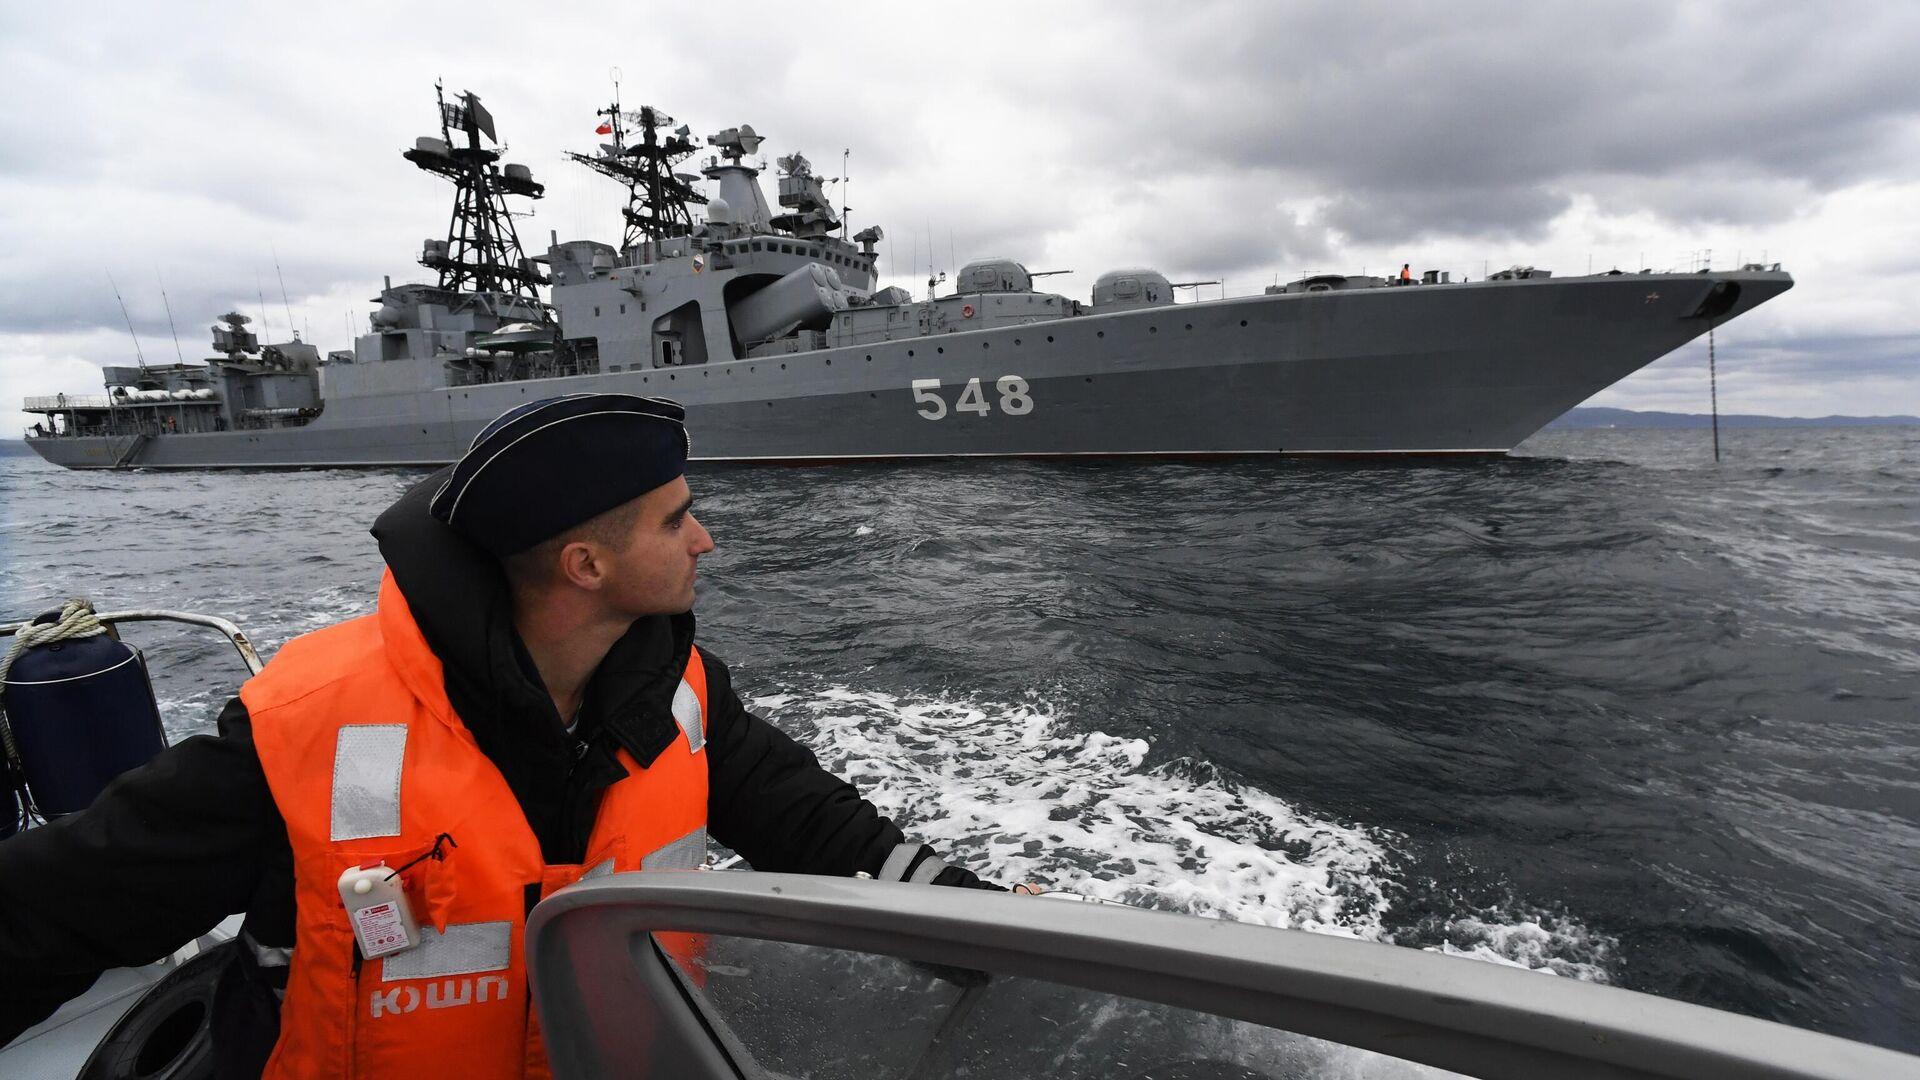 Большой противолодочный корабль Адмирал Пантелеев во время российско-китайских учений Морское взаимодействие – 2021 в Японском море - РИА Новости, 1920, 14.10.2021